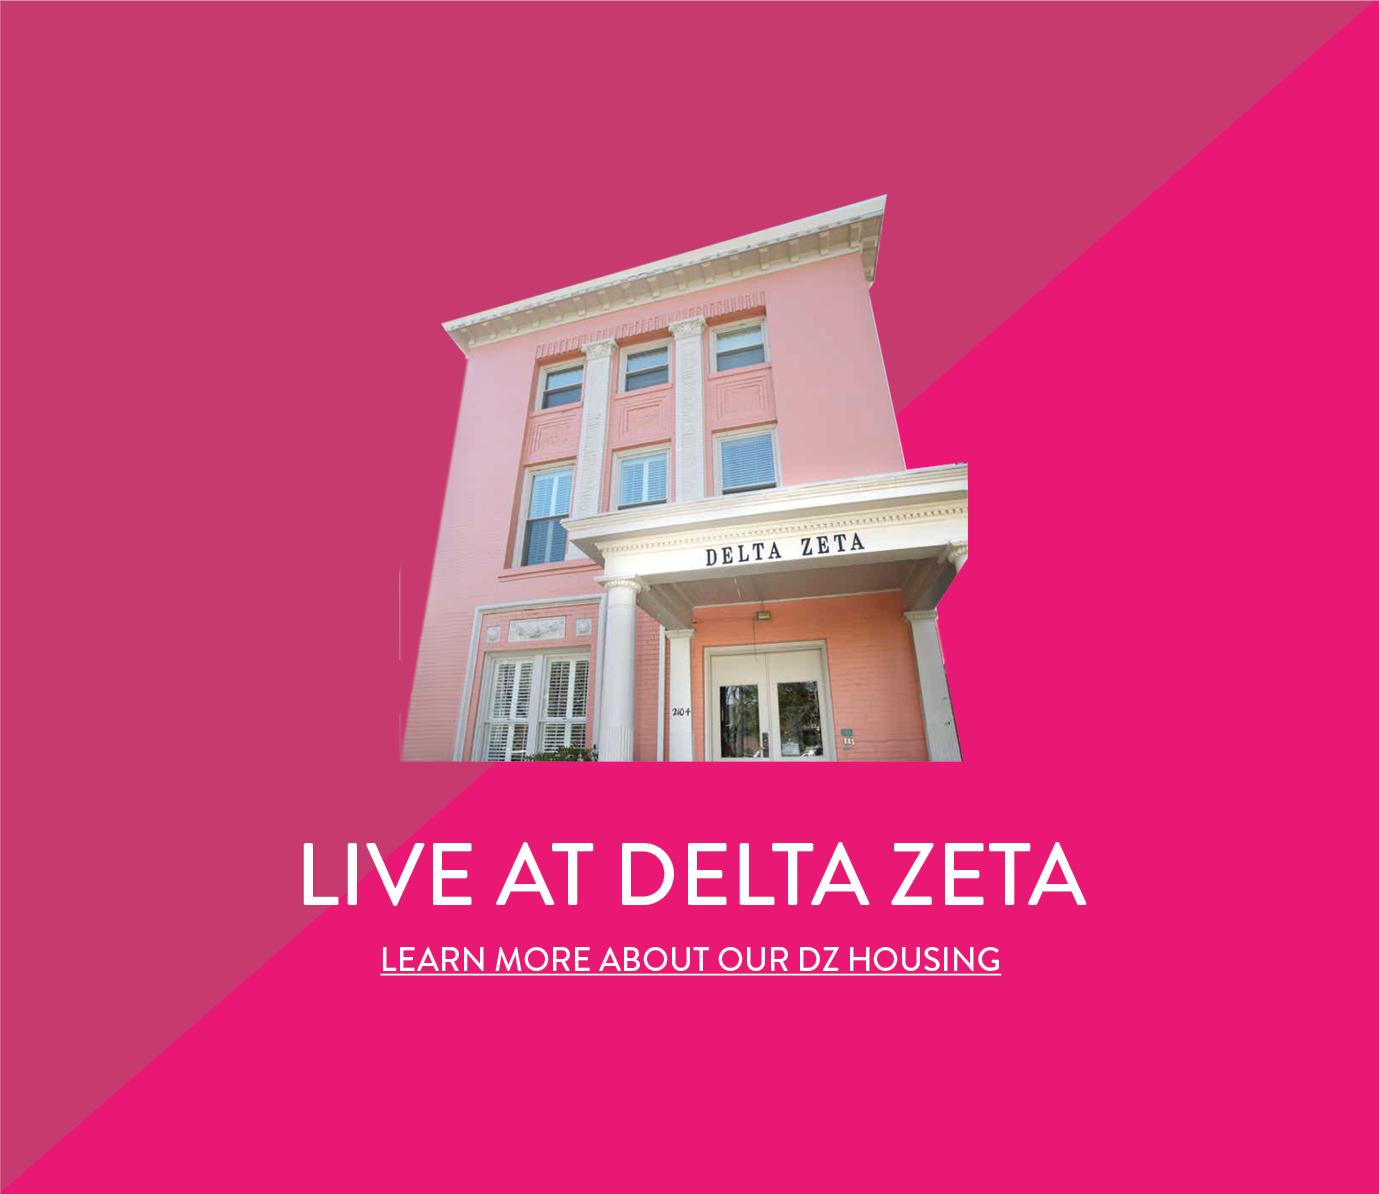 Live at Delta Zeta